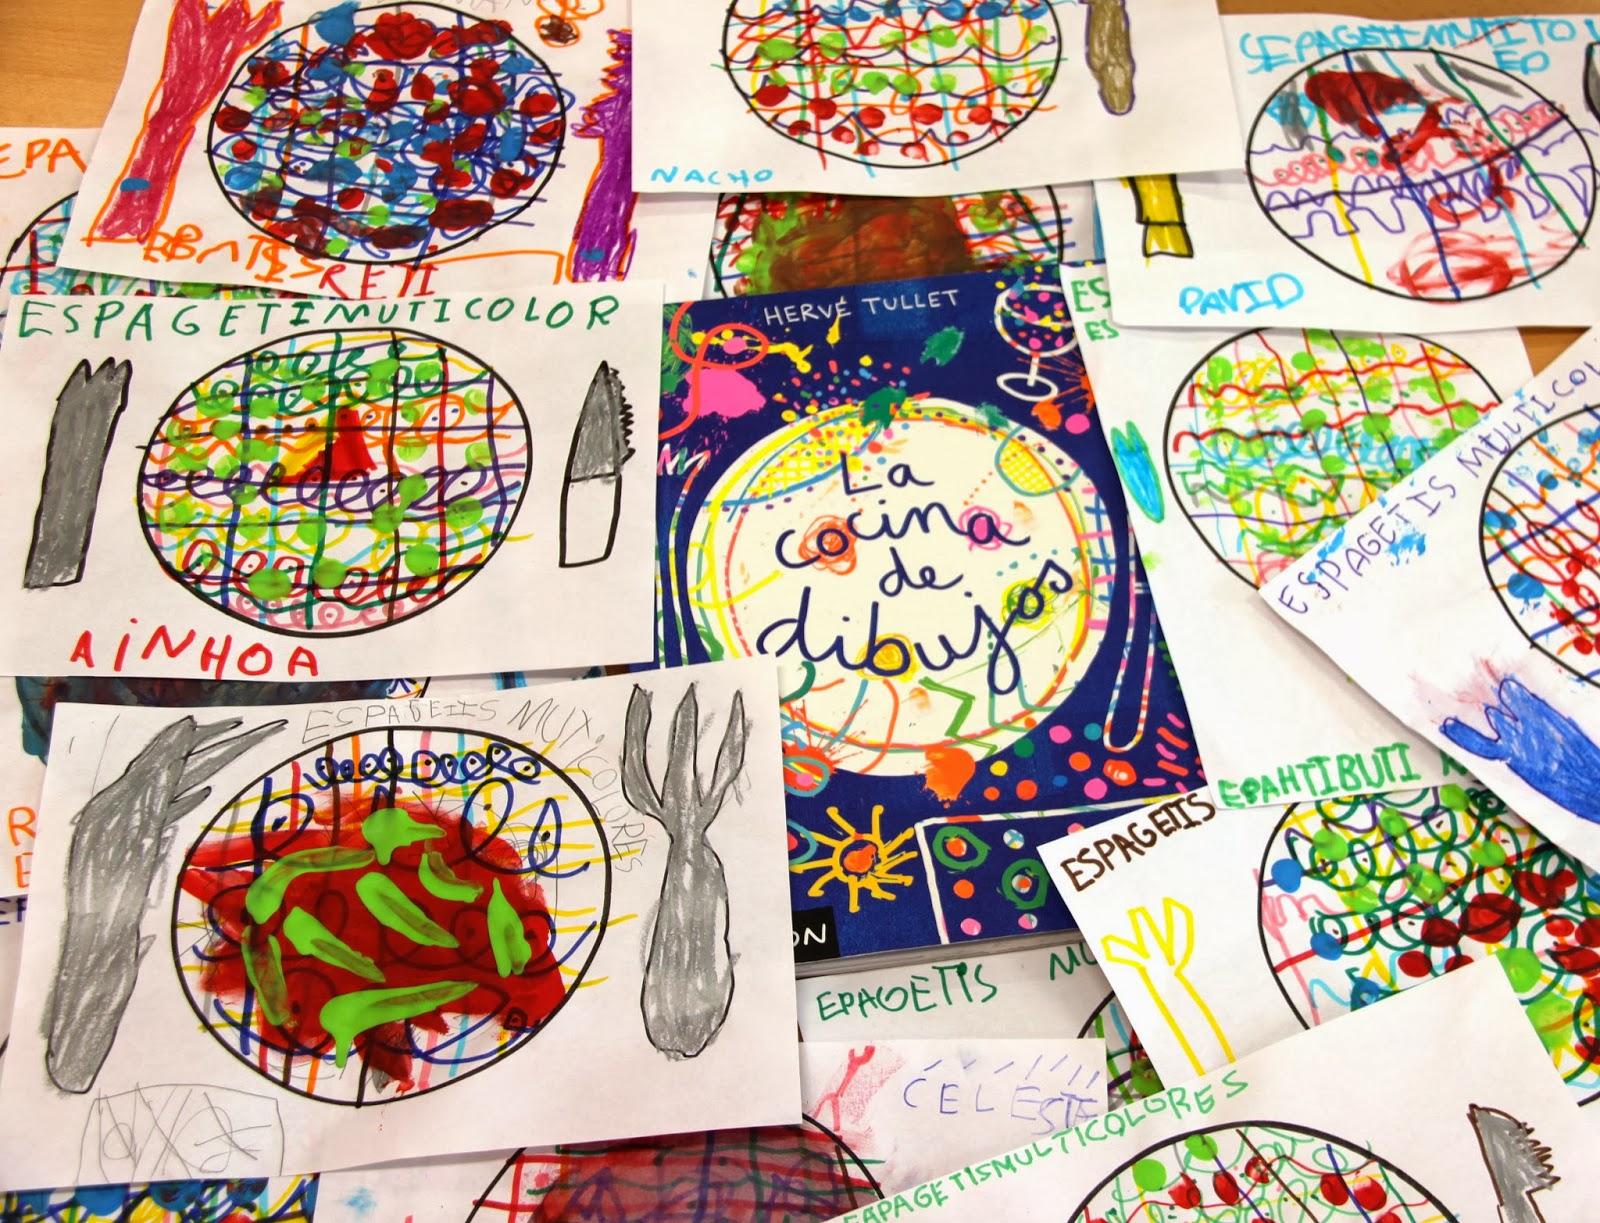 Blog infantil benamocarra la cocina de dibujos for Dibujos de cocina